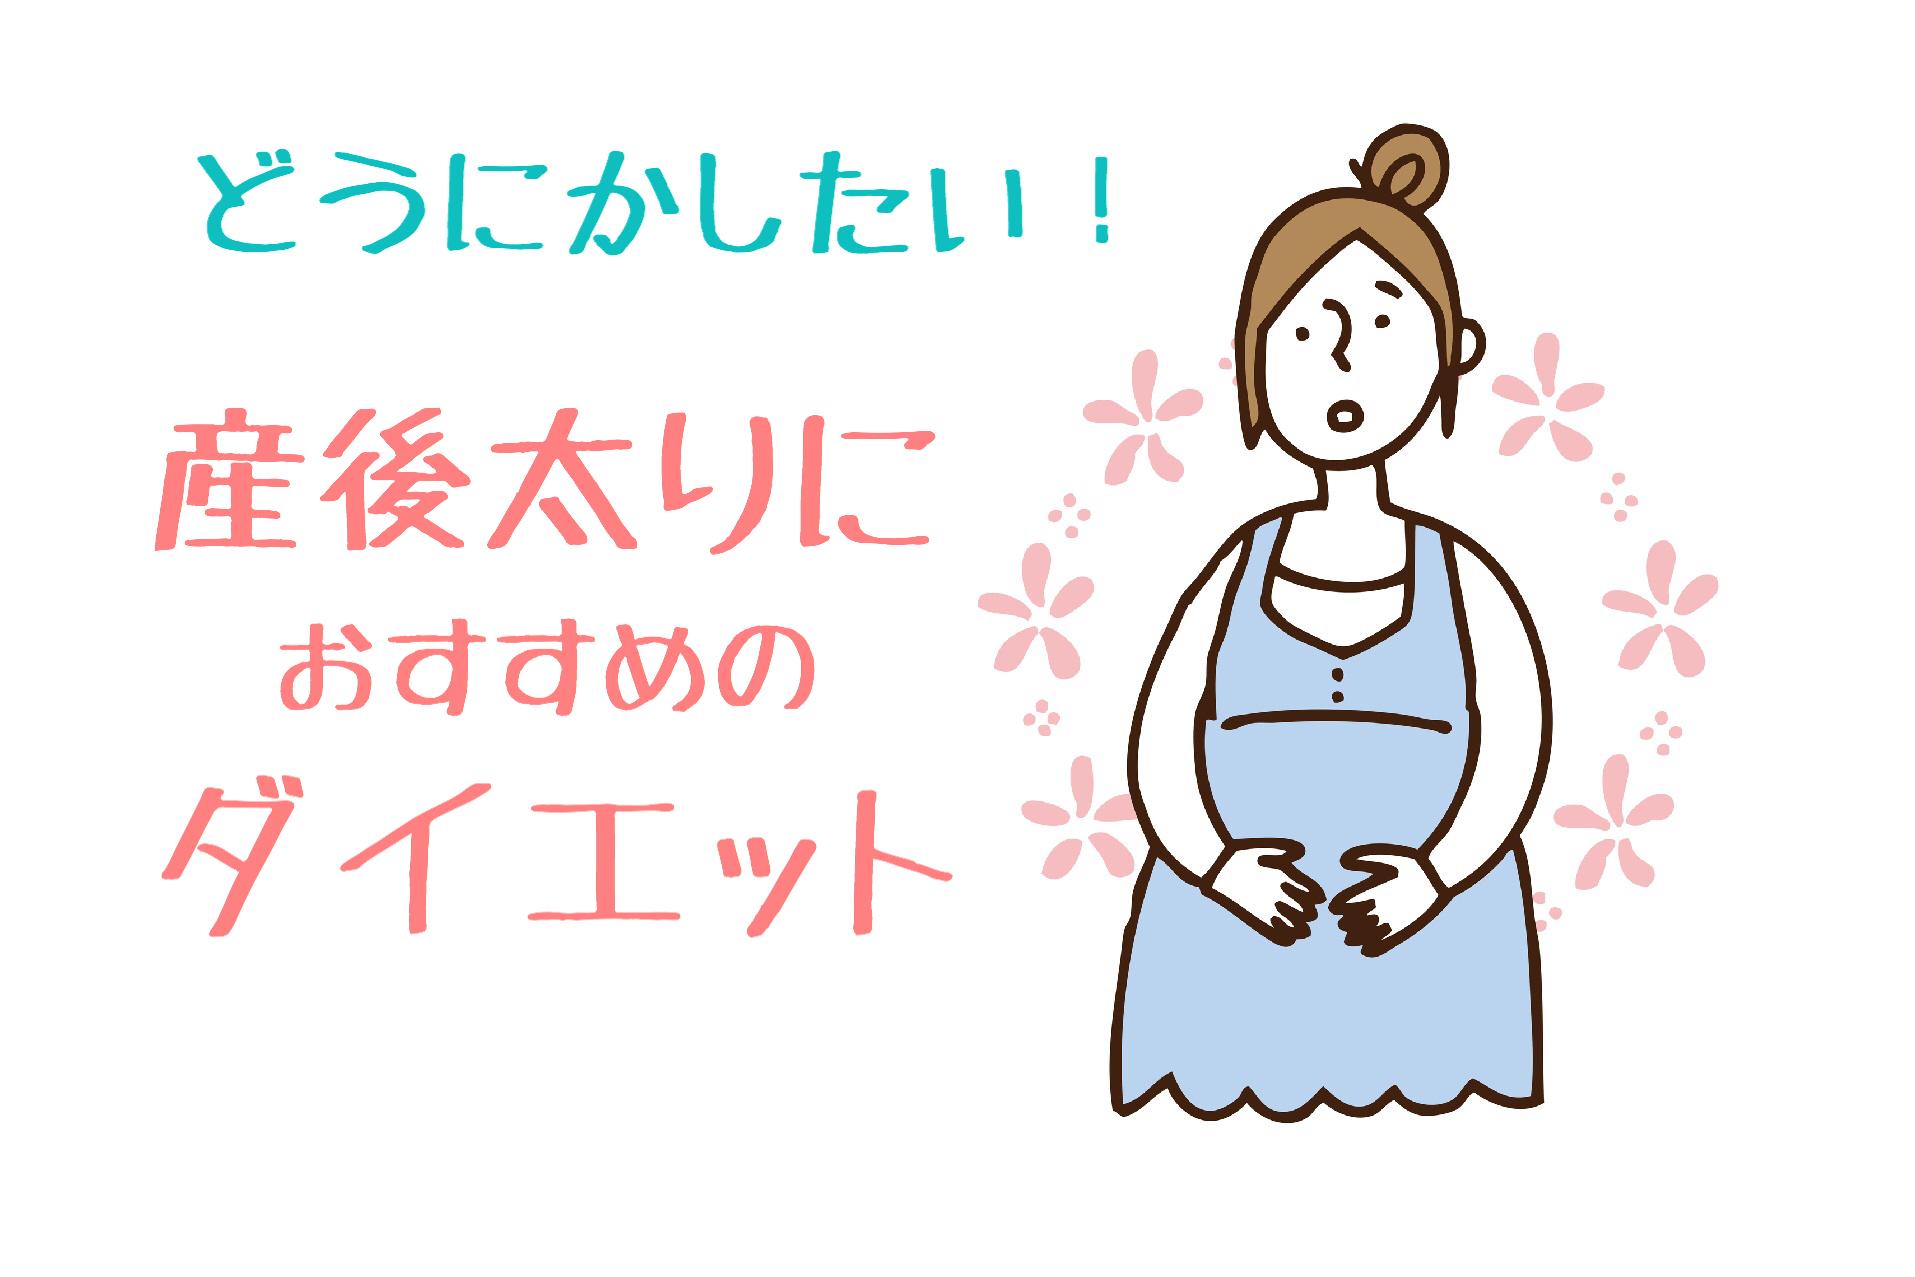 産後太り  ダイエット